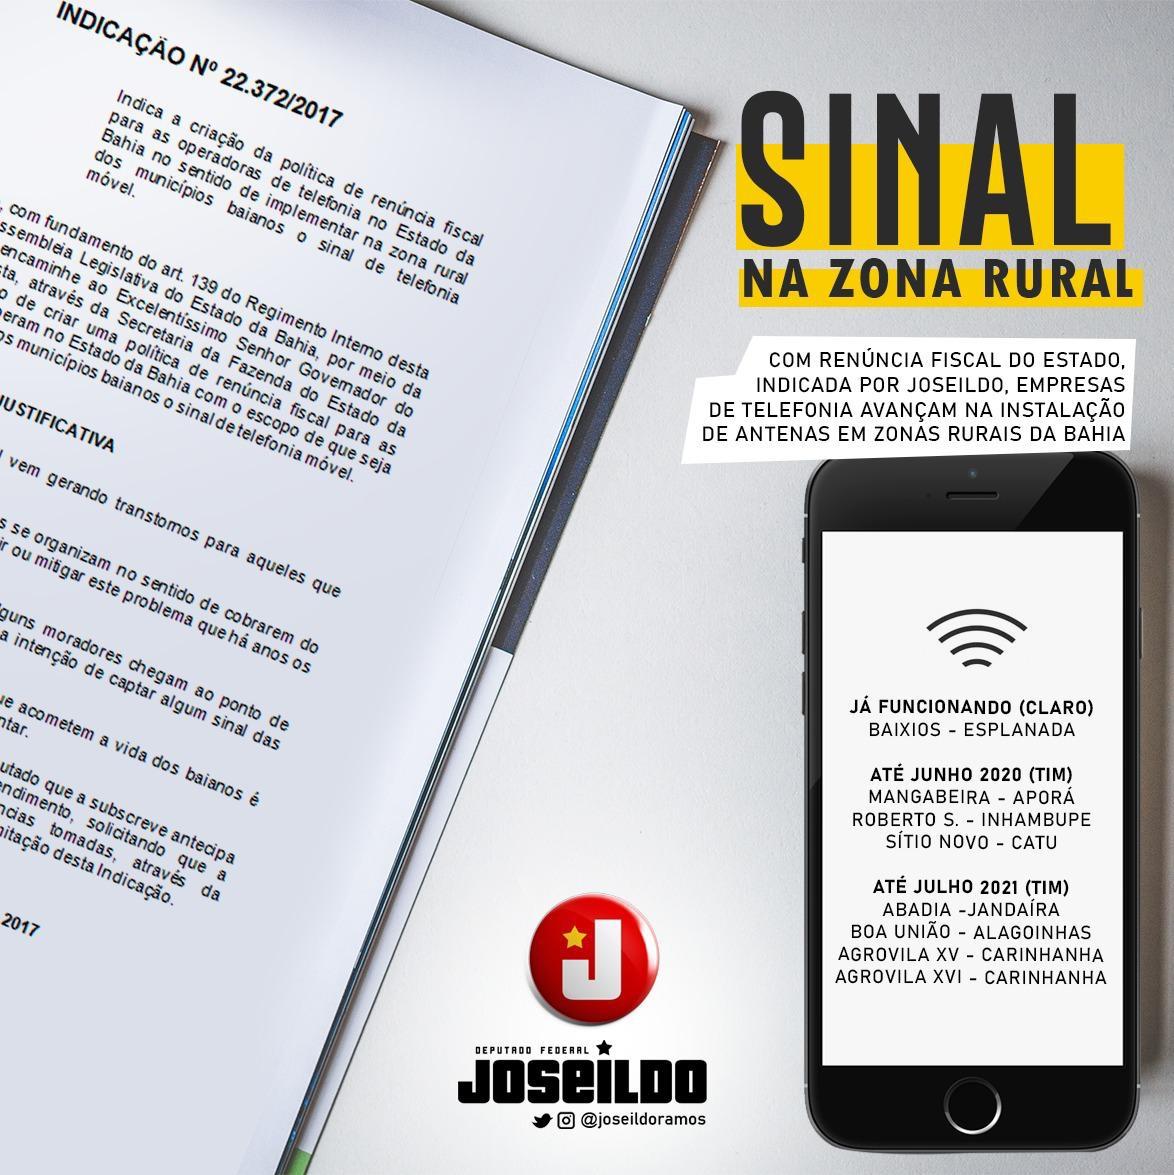 Programa Fala Bahia levará sinal de telefonia para zona rural a partir de indicação de Joseildo